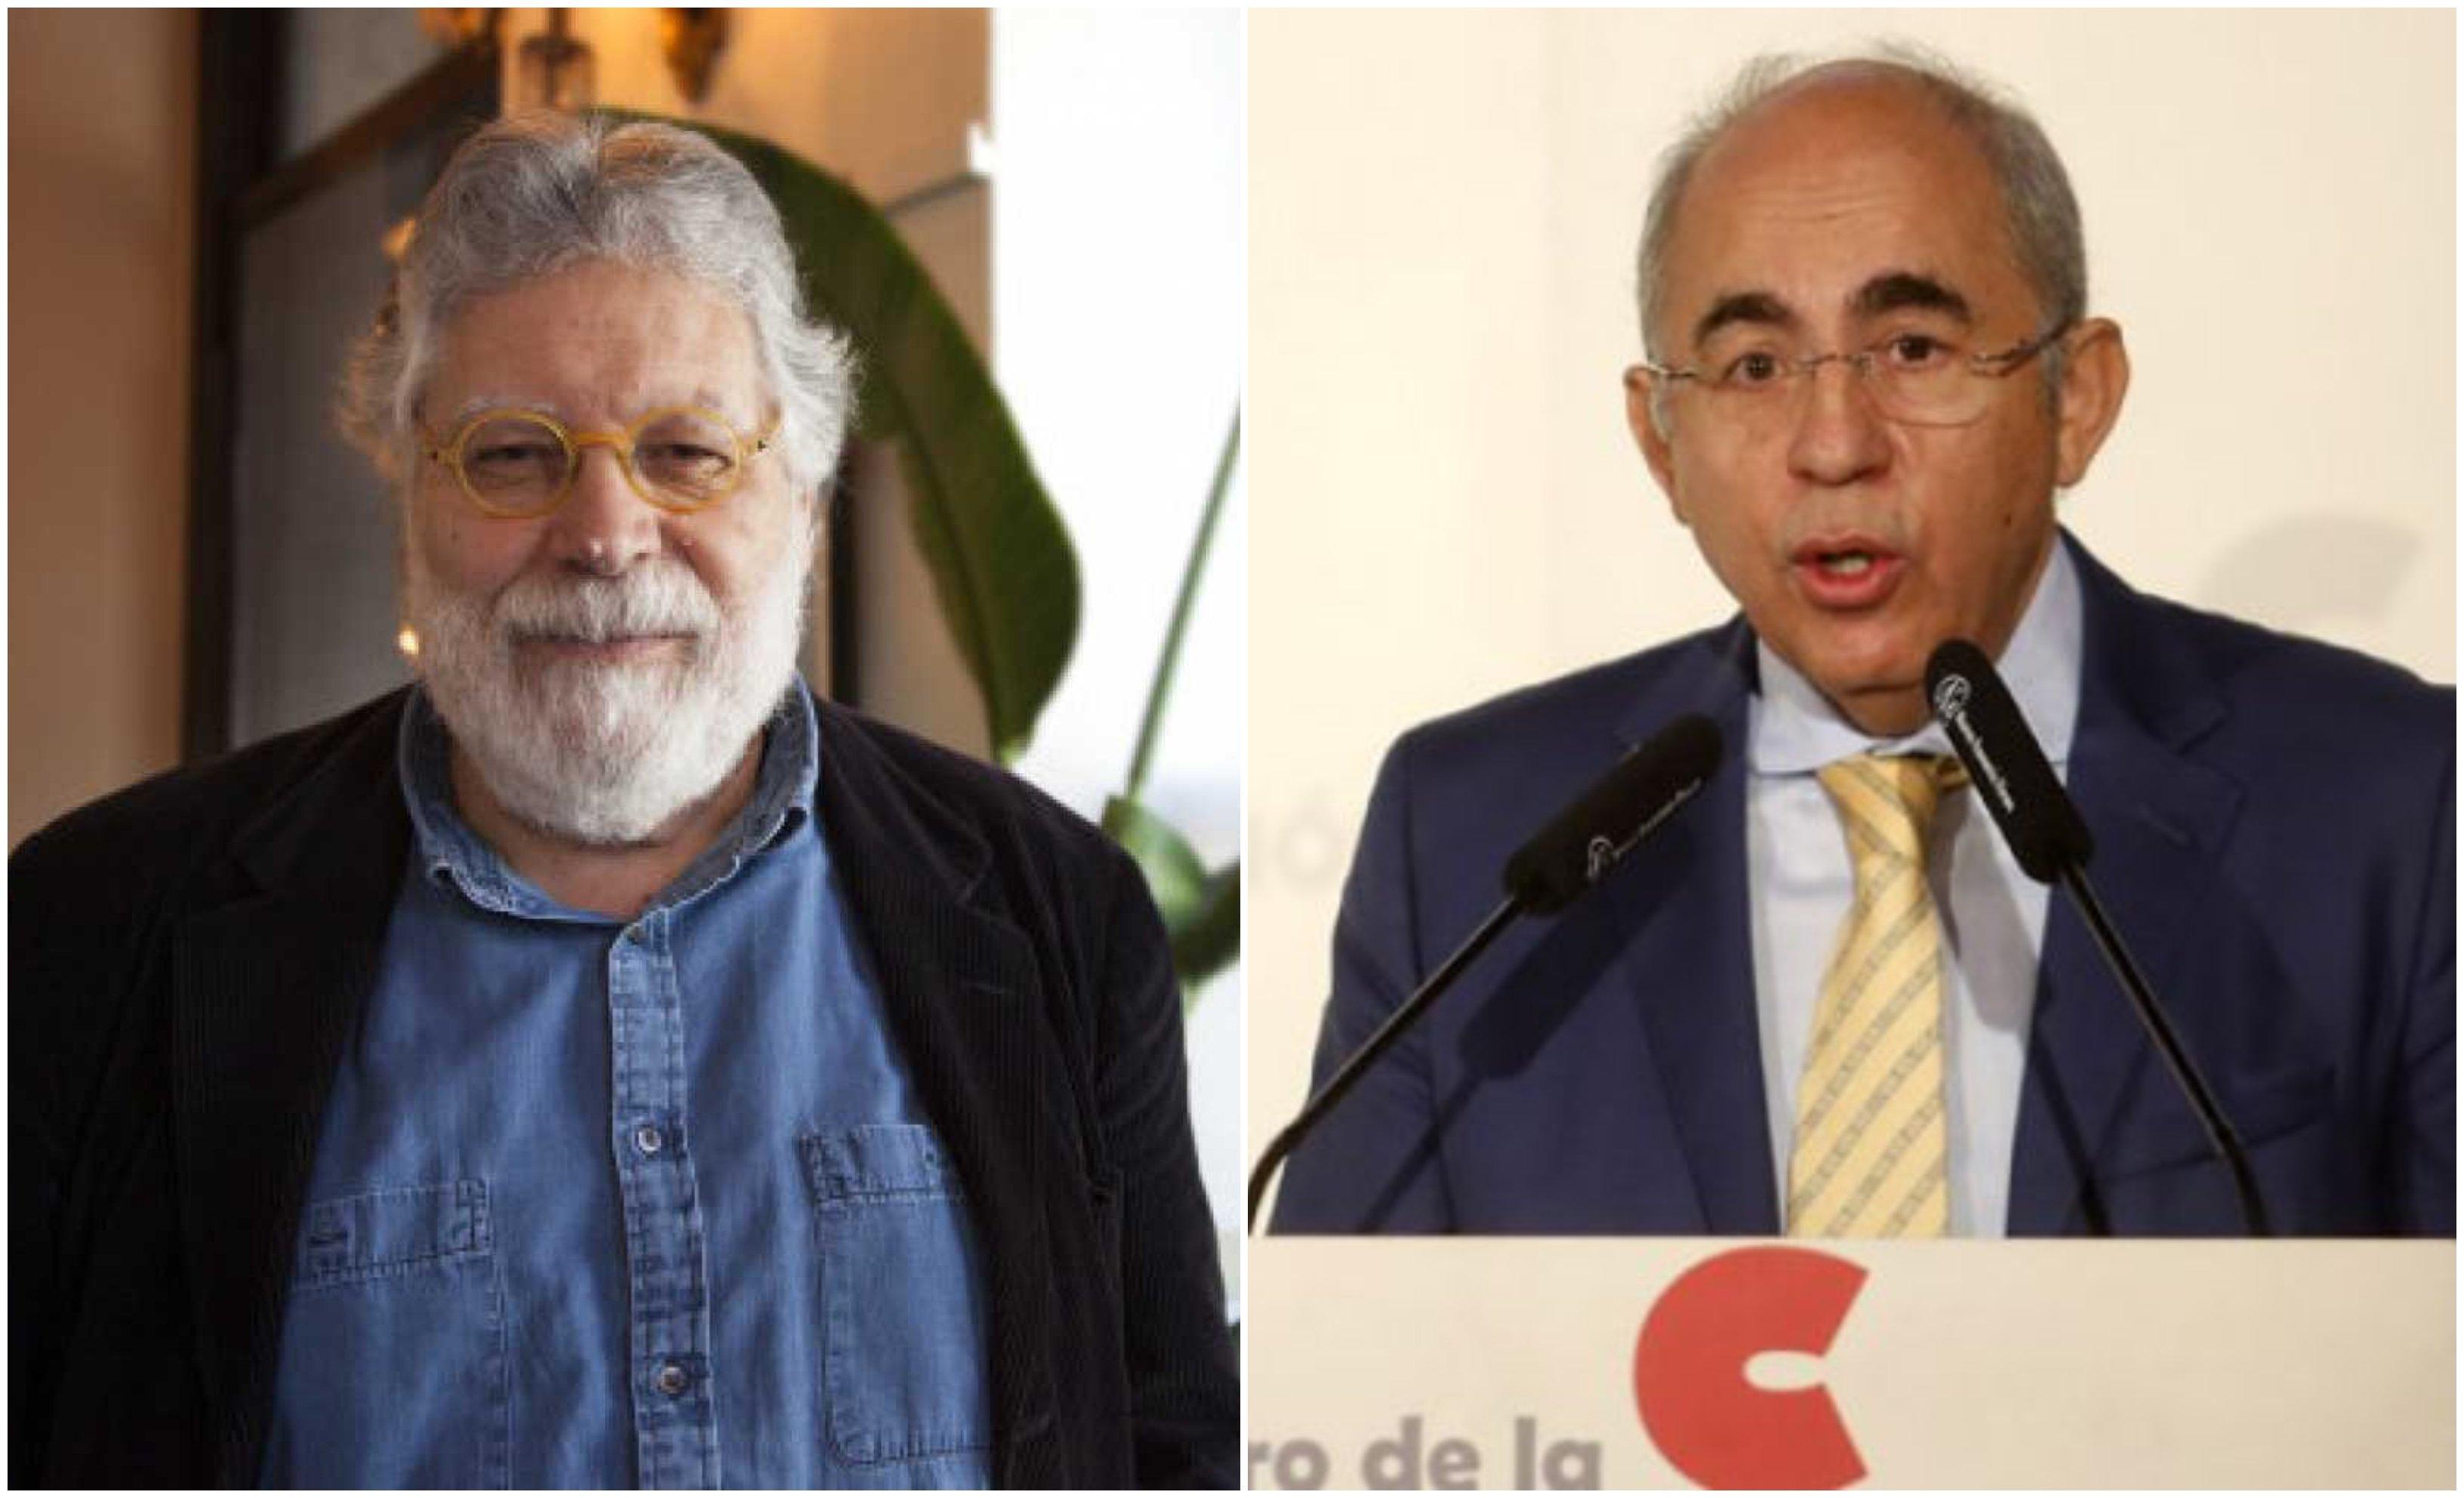 Joaquín Estefanía, adjunto a la dirección de El País, y Francisco Rosell, director de El Mundo (1)